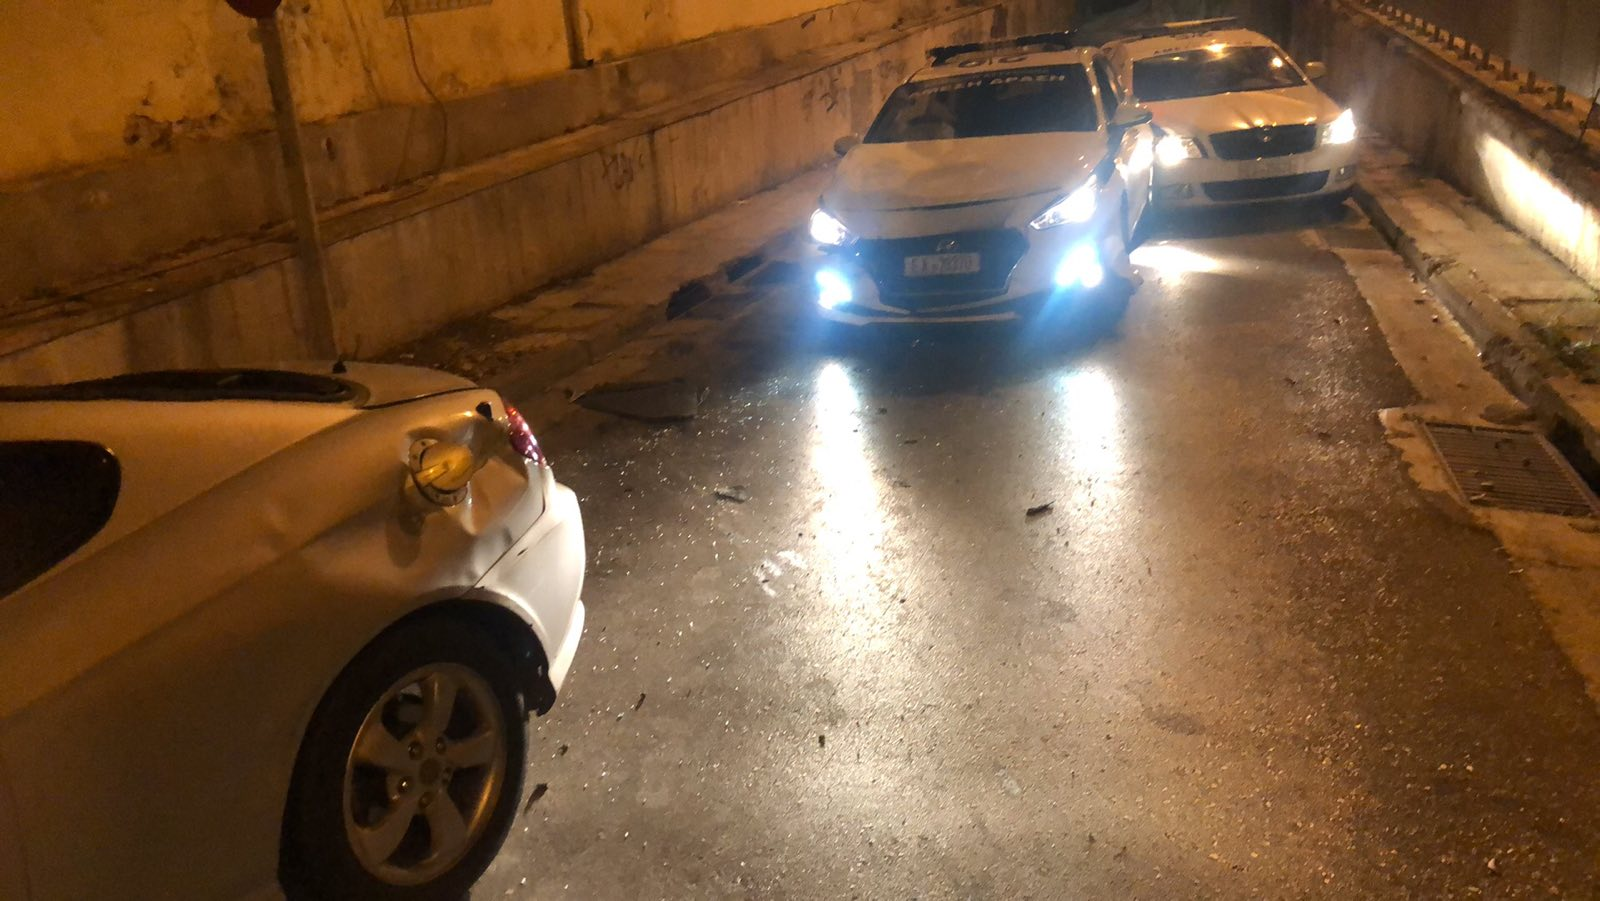 Επεισοδιακή καταδίωξη με τέσσερις συλλήψεις και τραυματίες τα ξημερώματα στο Νέο Κόσμο!